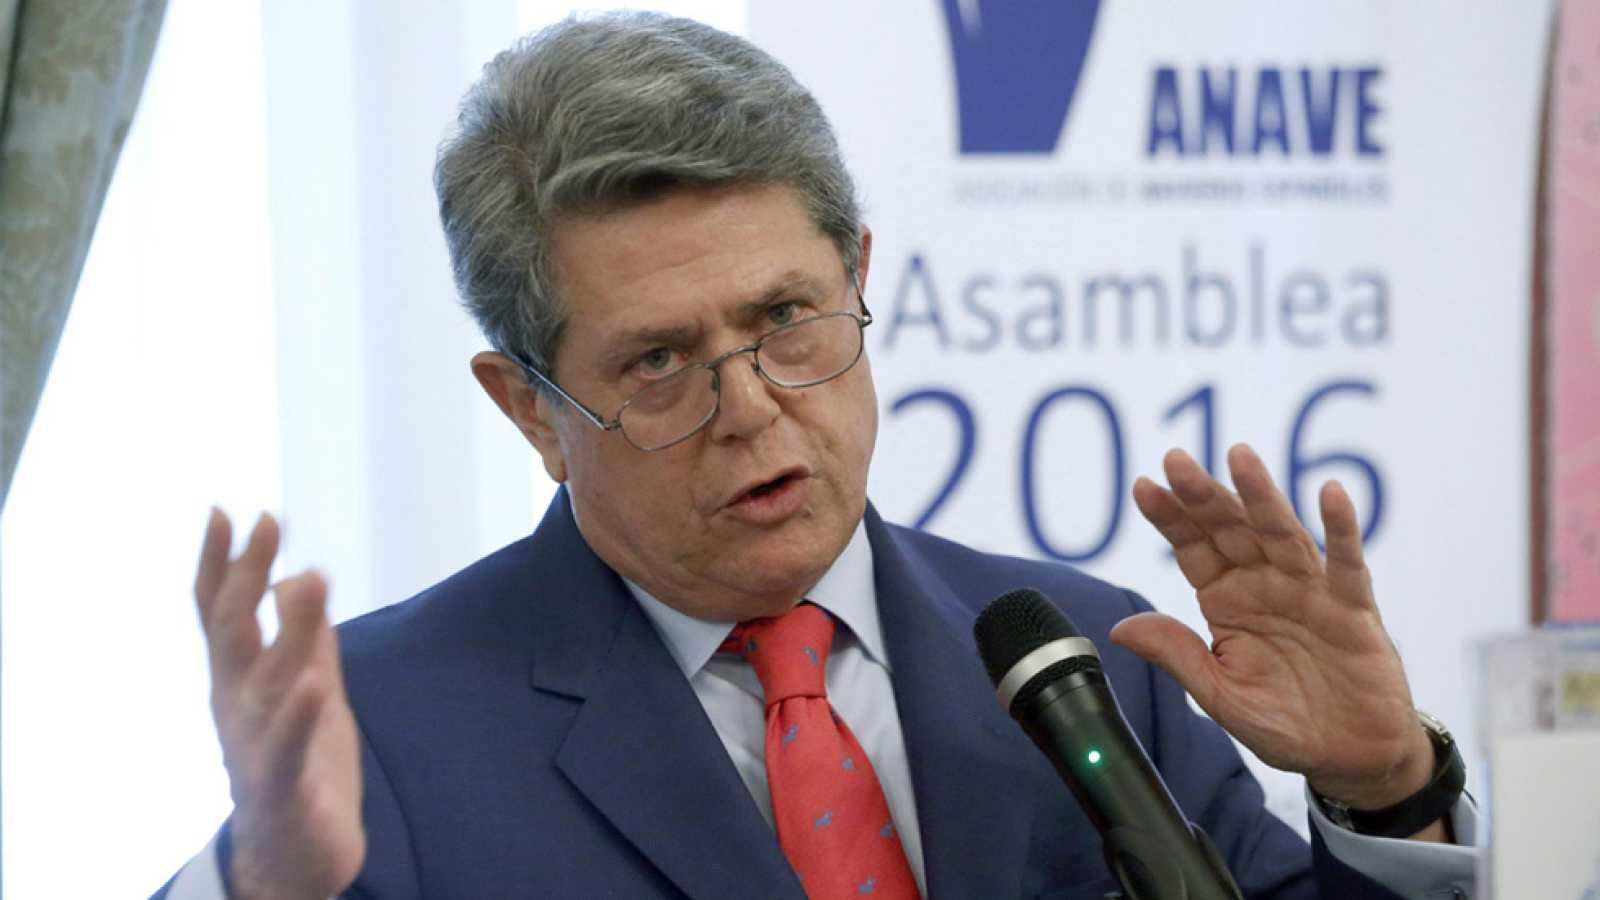 Federico Trillo será relevado como embajador en el Reino Unido en las próximas semanas o meses